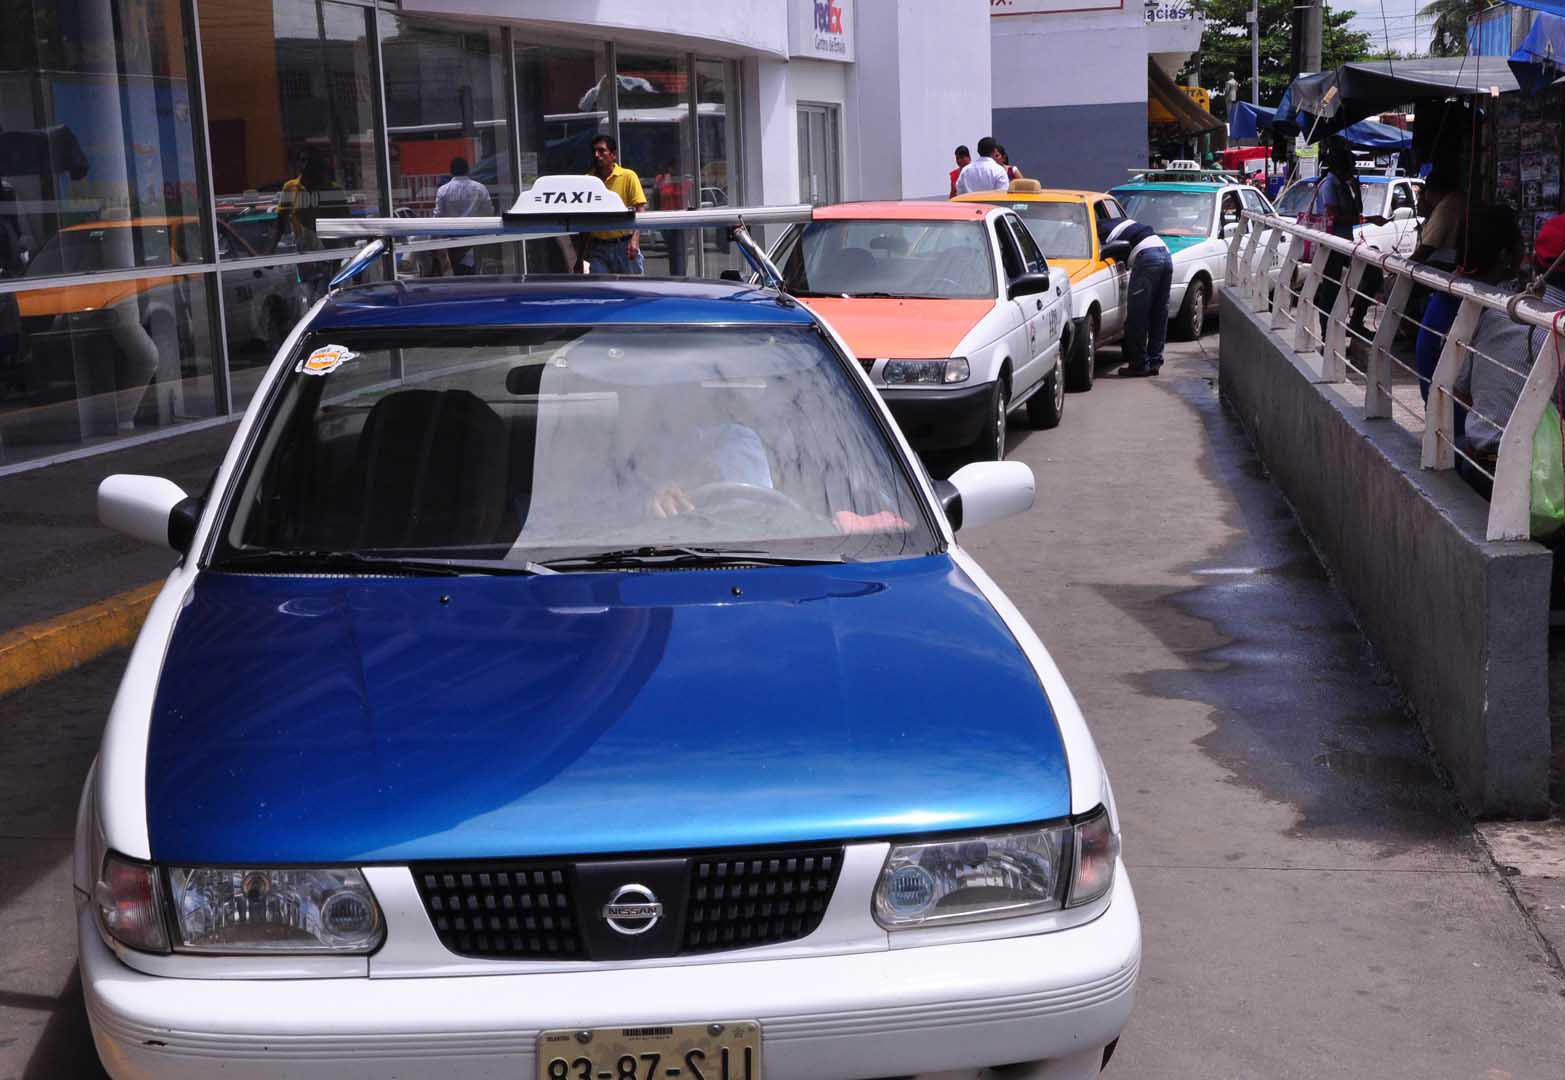 Taxistas molestos por ingreso de mototaxis en Tuxtepec, Oaxaca | El Imparcial de Oaxaca